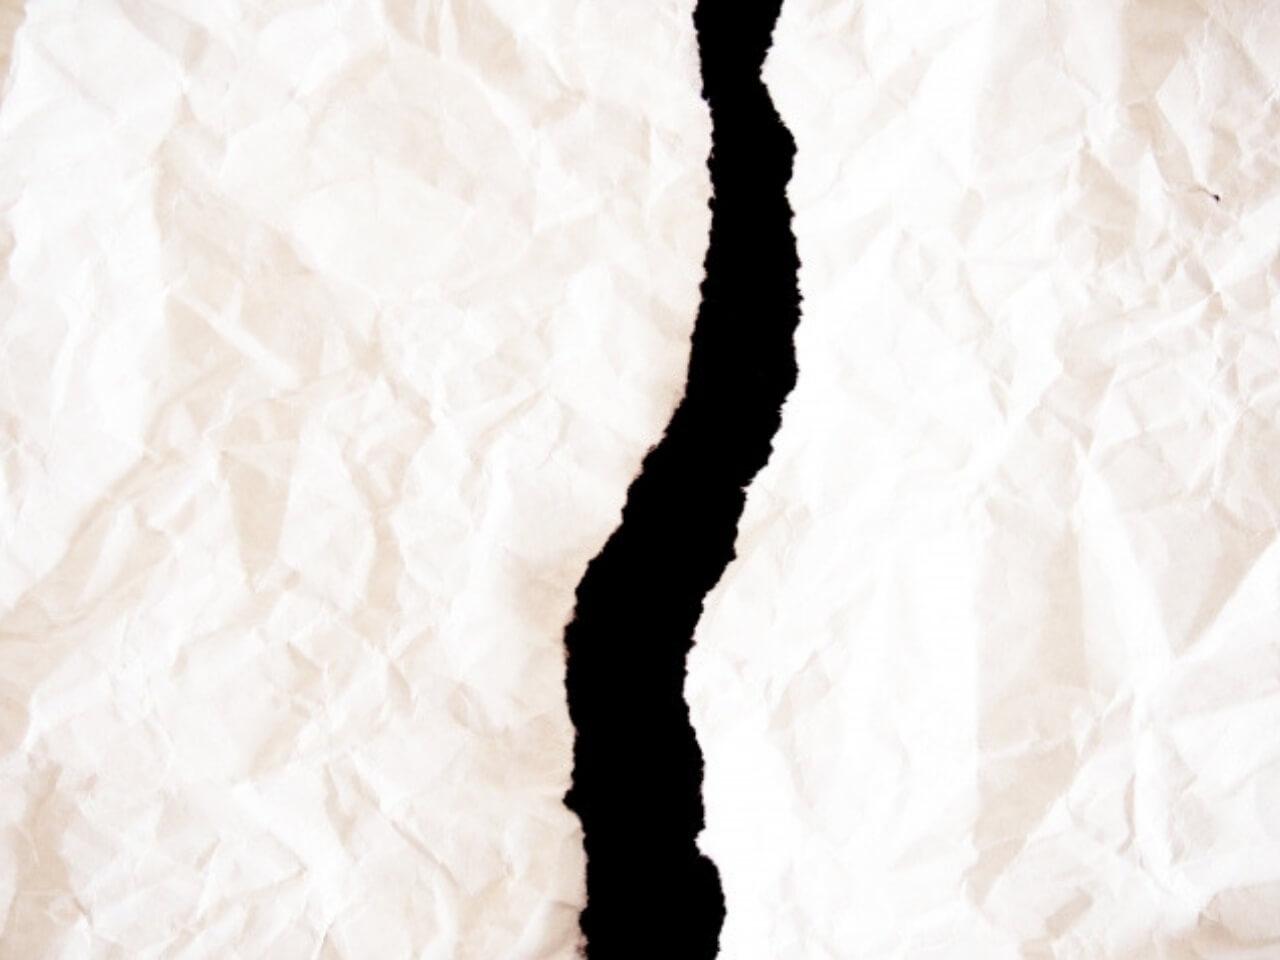 中央で破られた紙